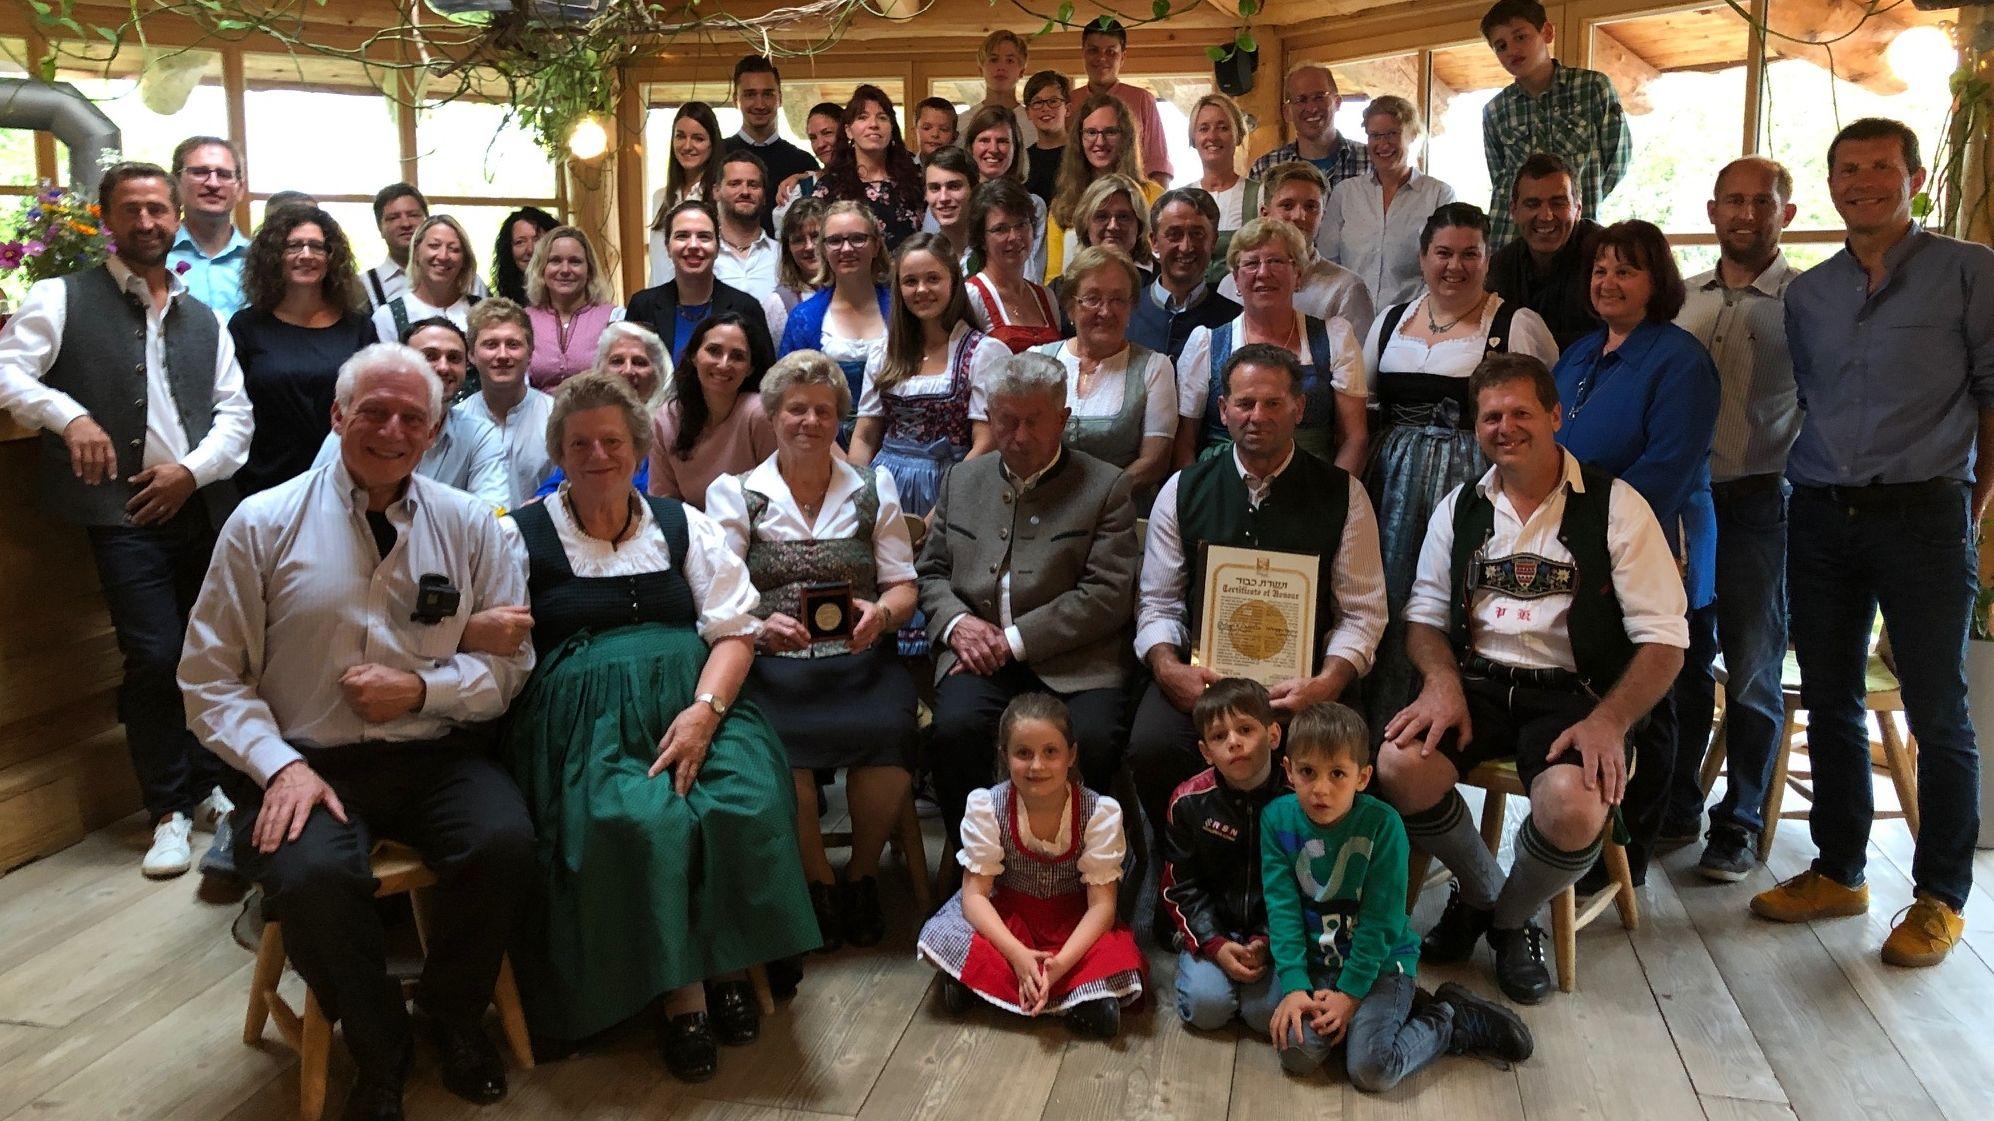 Gruppenbild mit den Familienmitgliedern der Köhlndorfners und Gleitmans aus den USA.